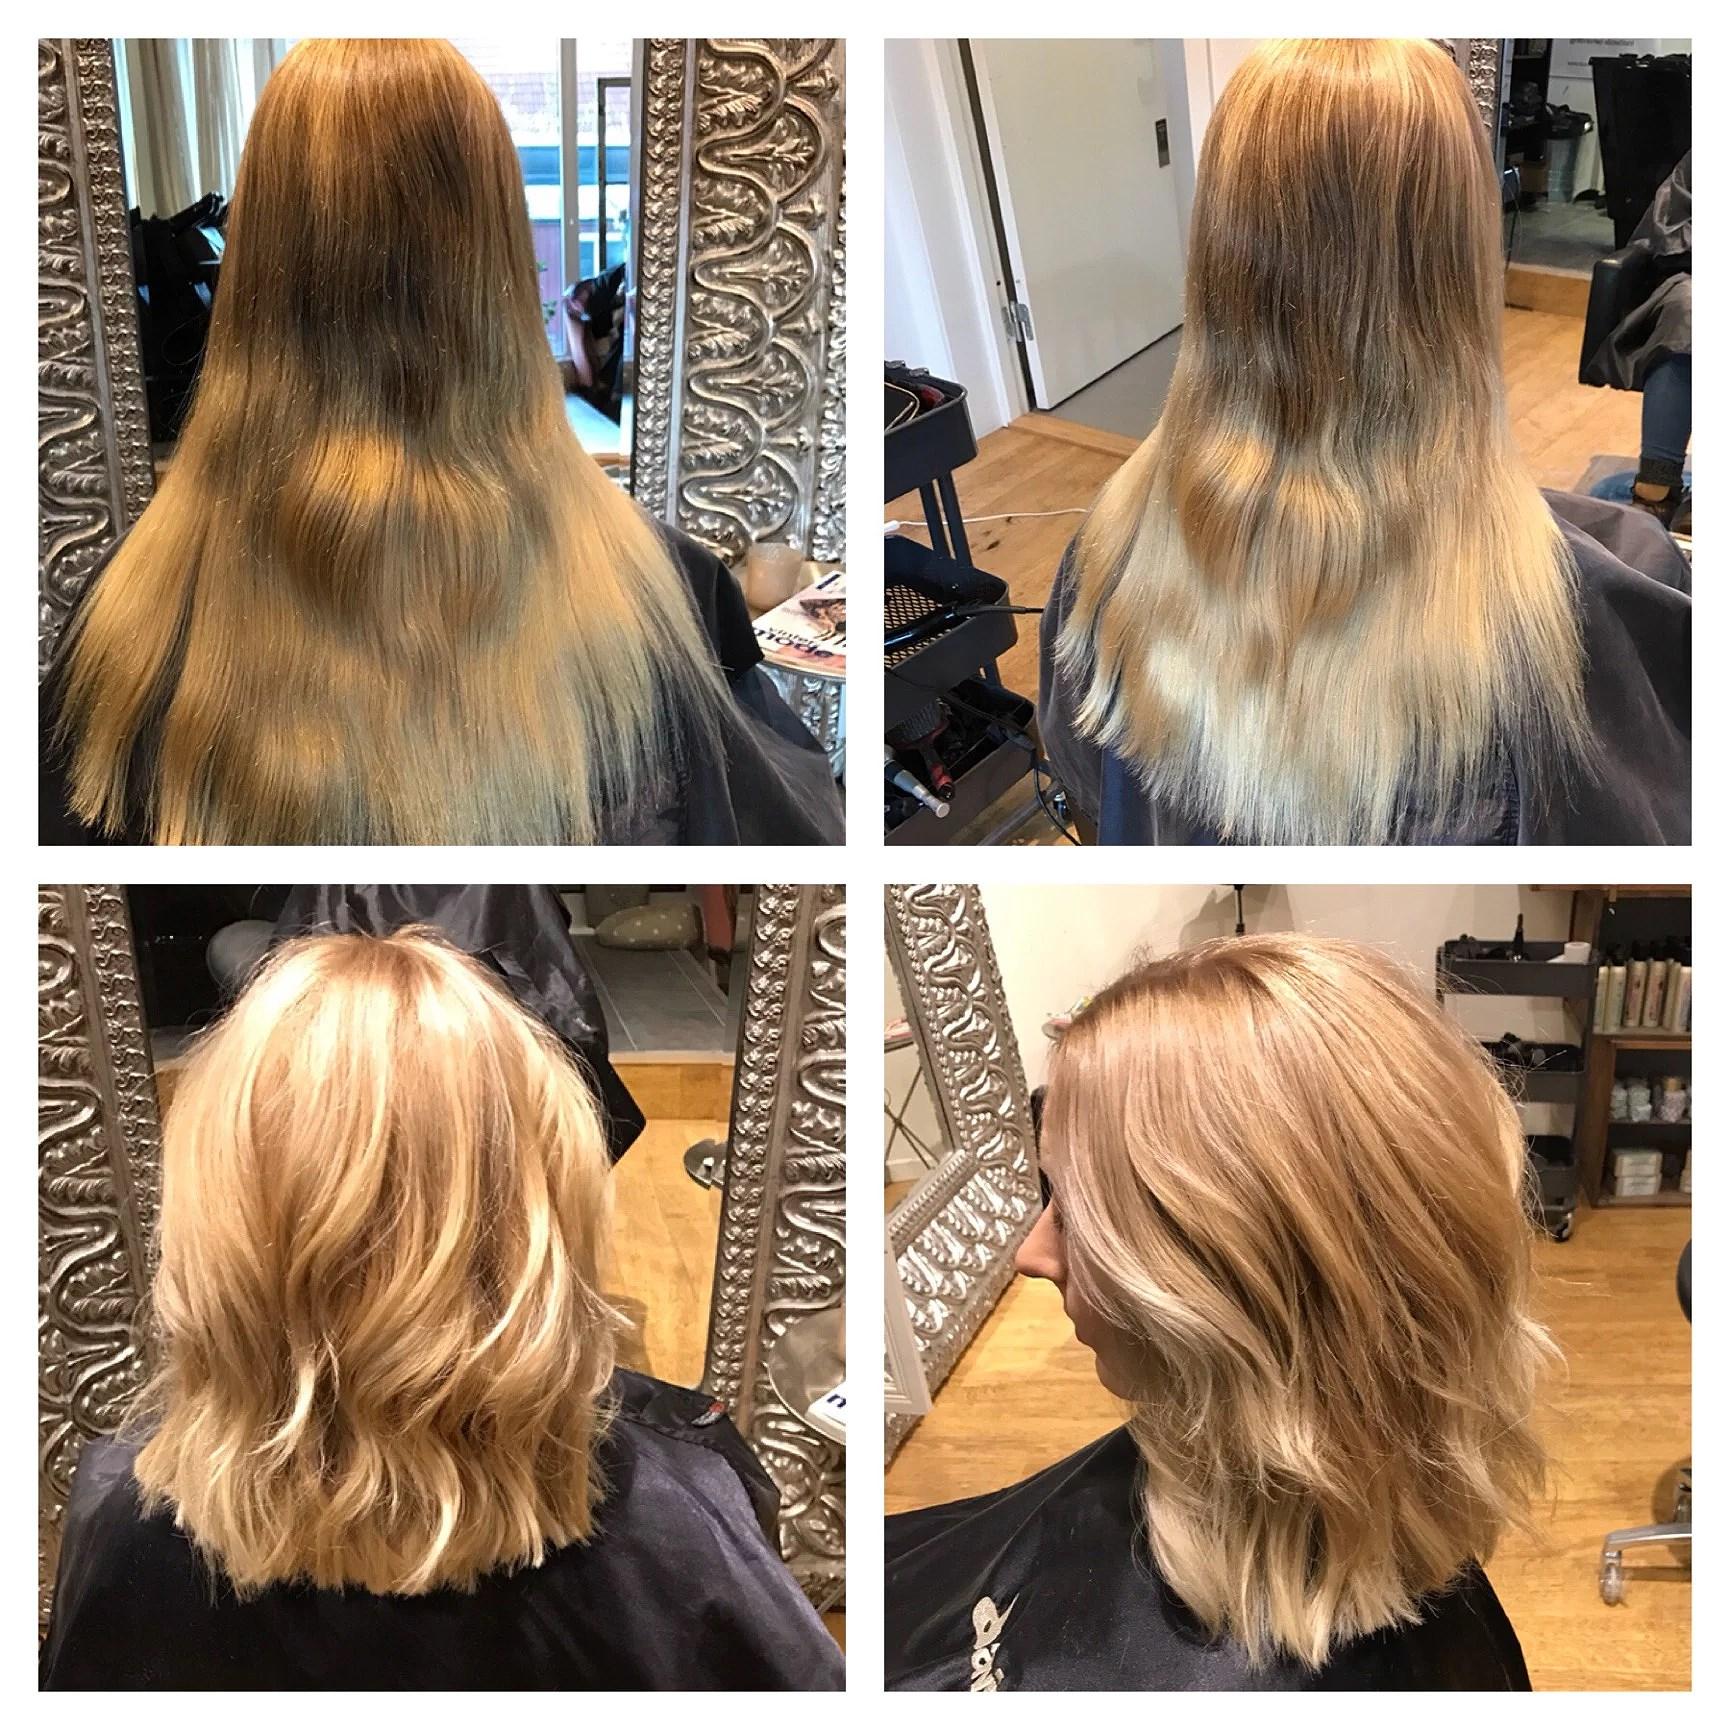 Helt ny hårfrisyr!!